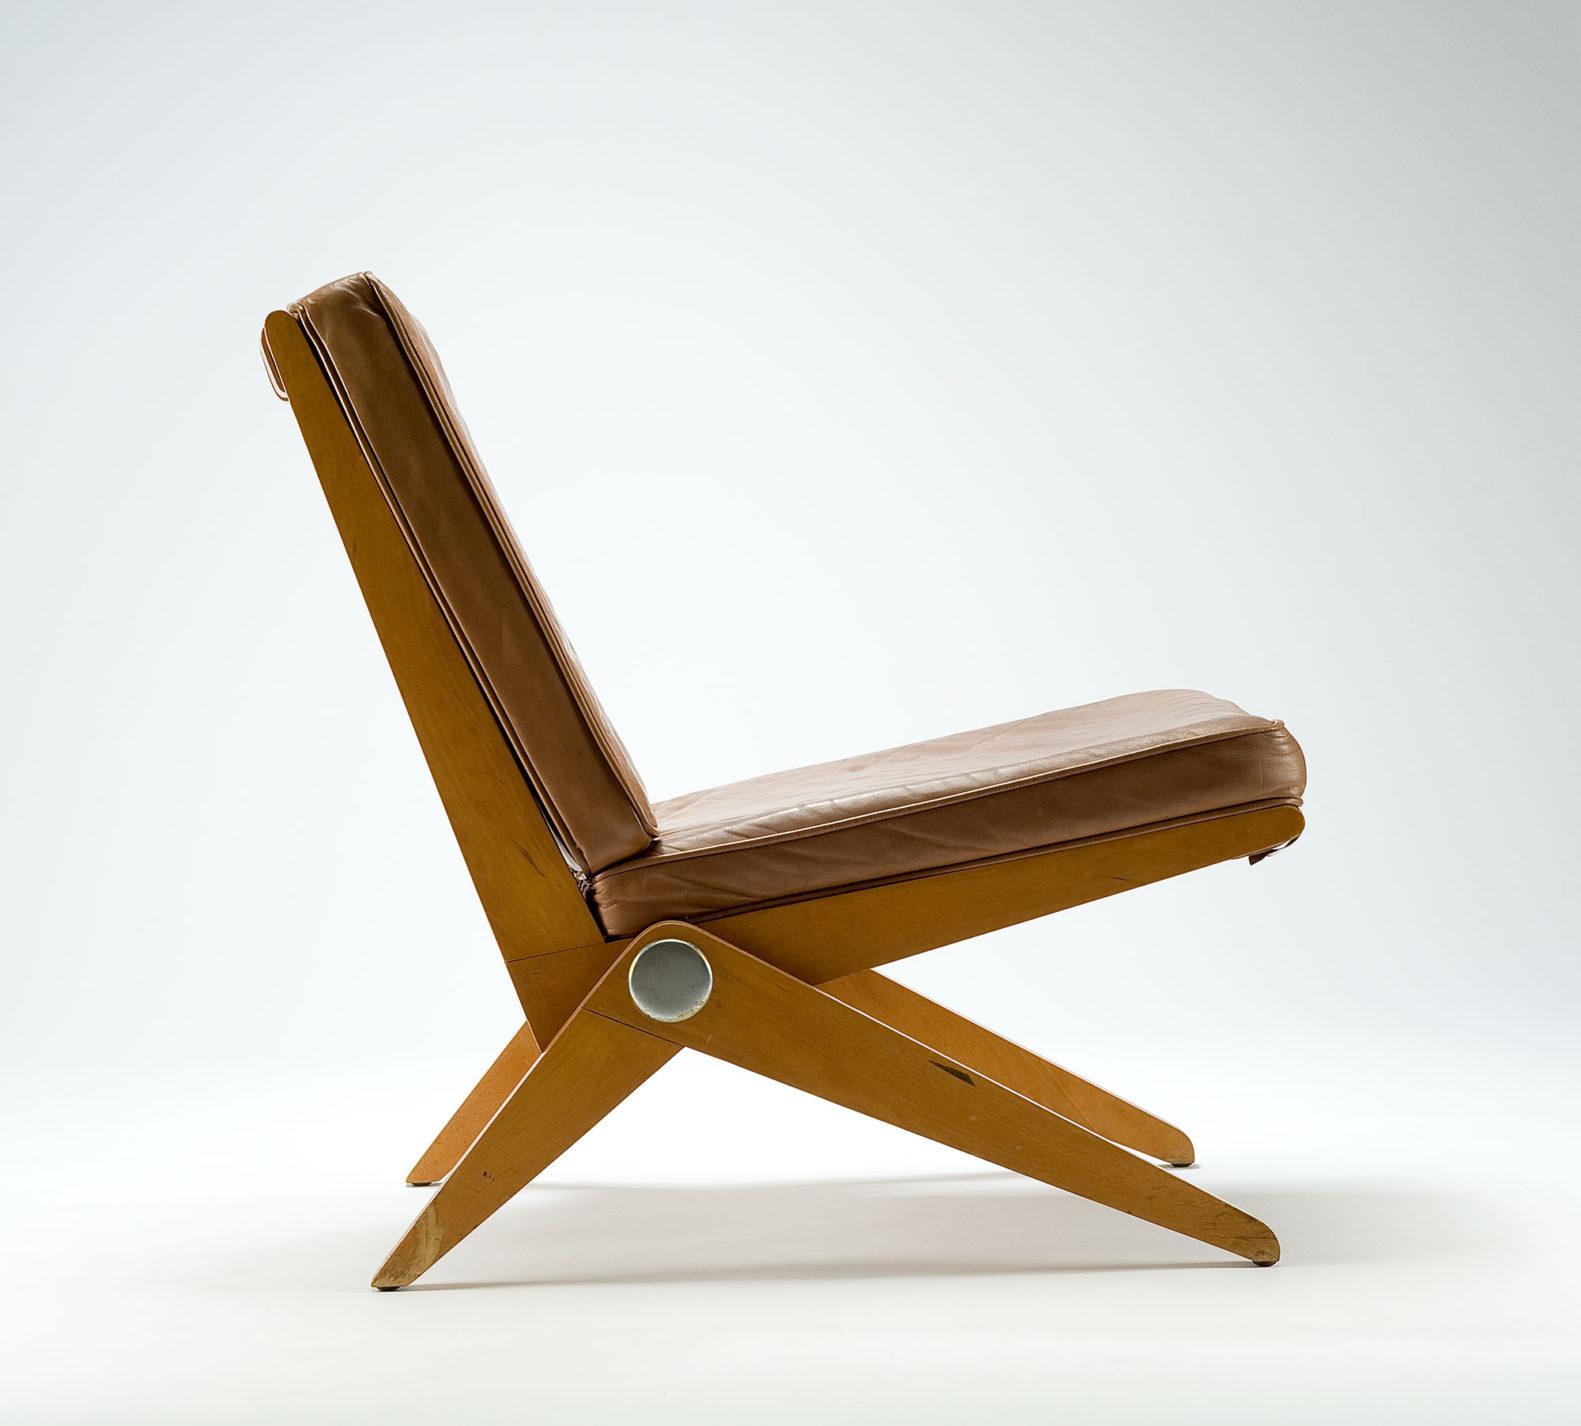 Chaise de profil. Chaise à structure de bois simple à l'assise et au dossier rembourrés avec revêtement de cuir brun. Les pattes inclinées sont raccordées à la base en un seul point, comme si la chaise reposait sur deux boomerangs.